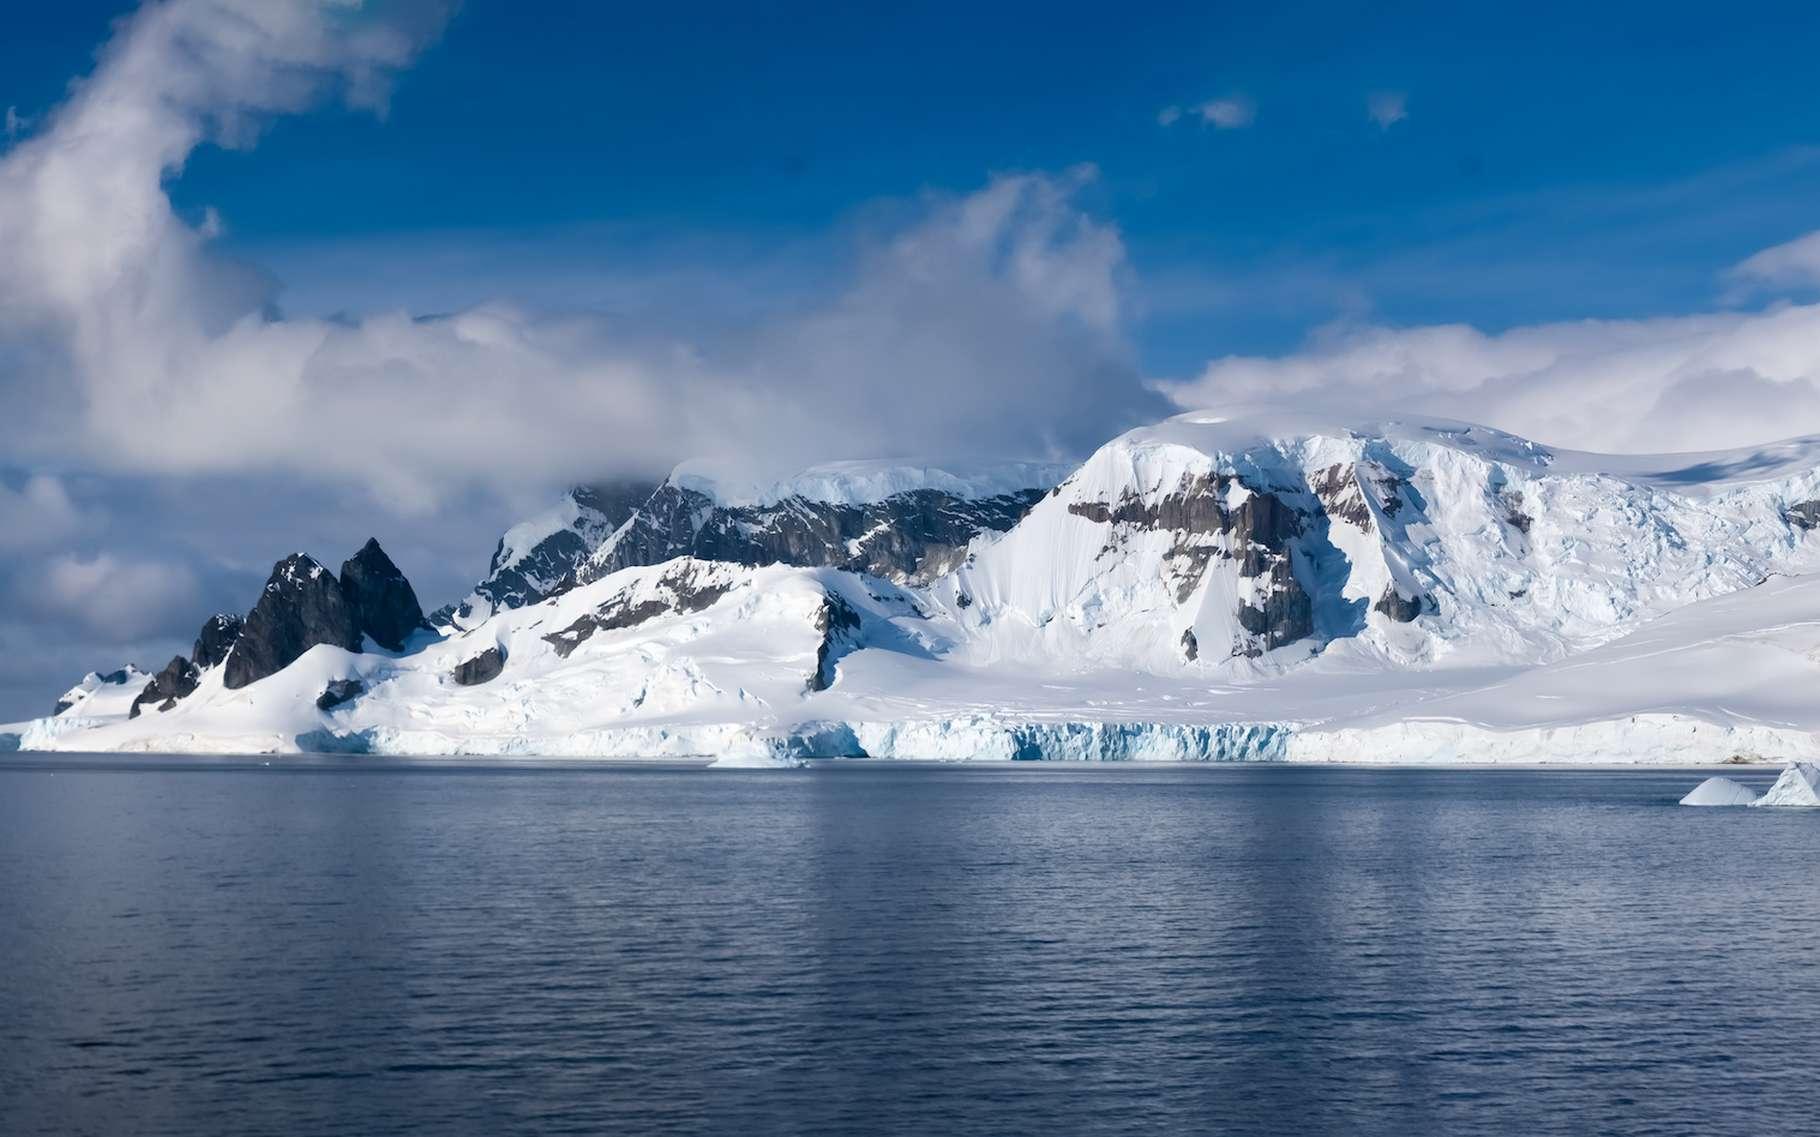 L'Antarctique est assurément l'un des endroits les plus calmes au monde. © Luis, Adobe Stock